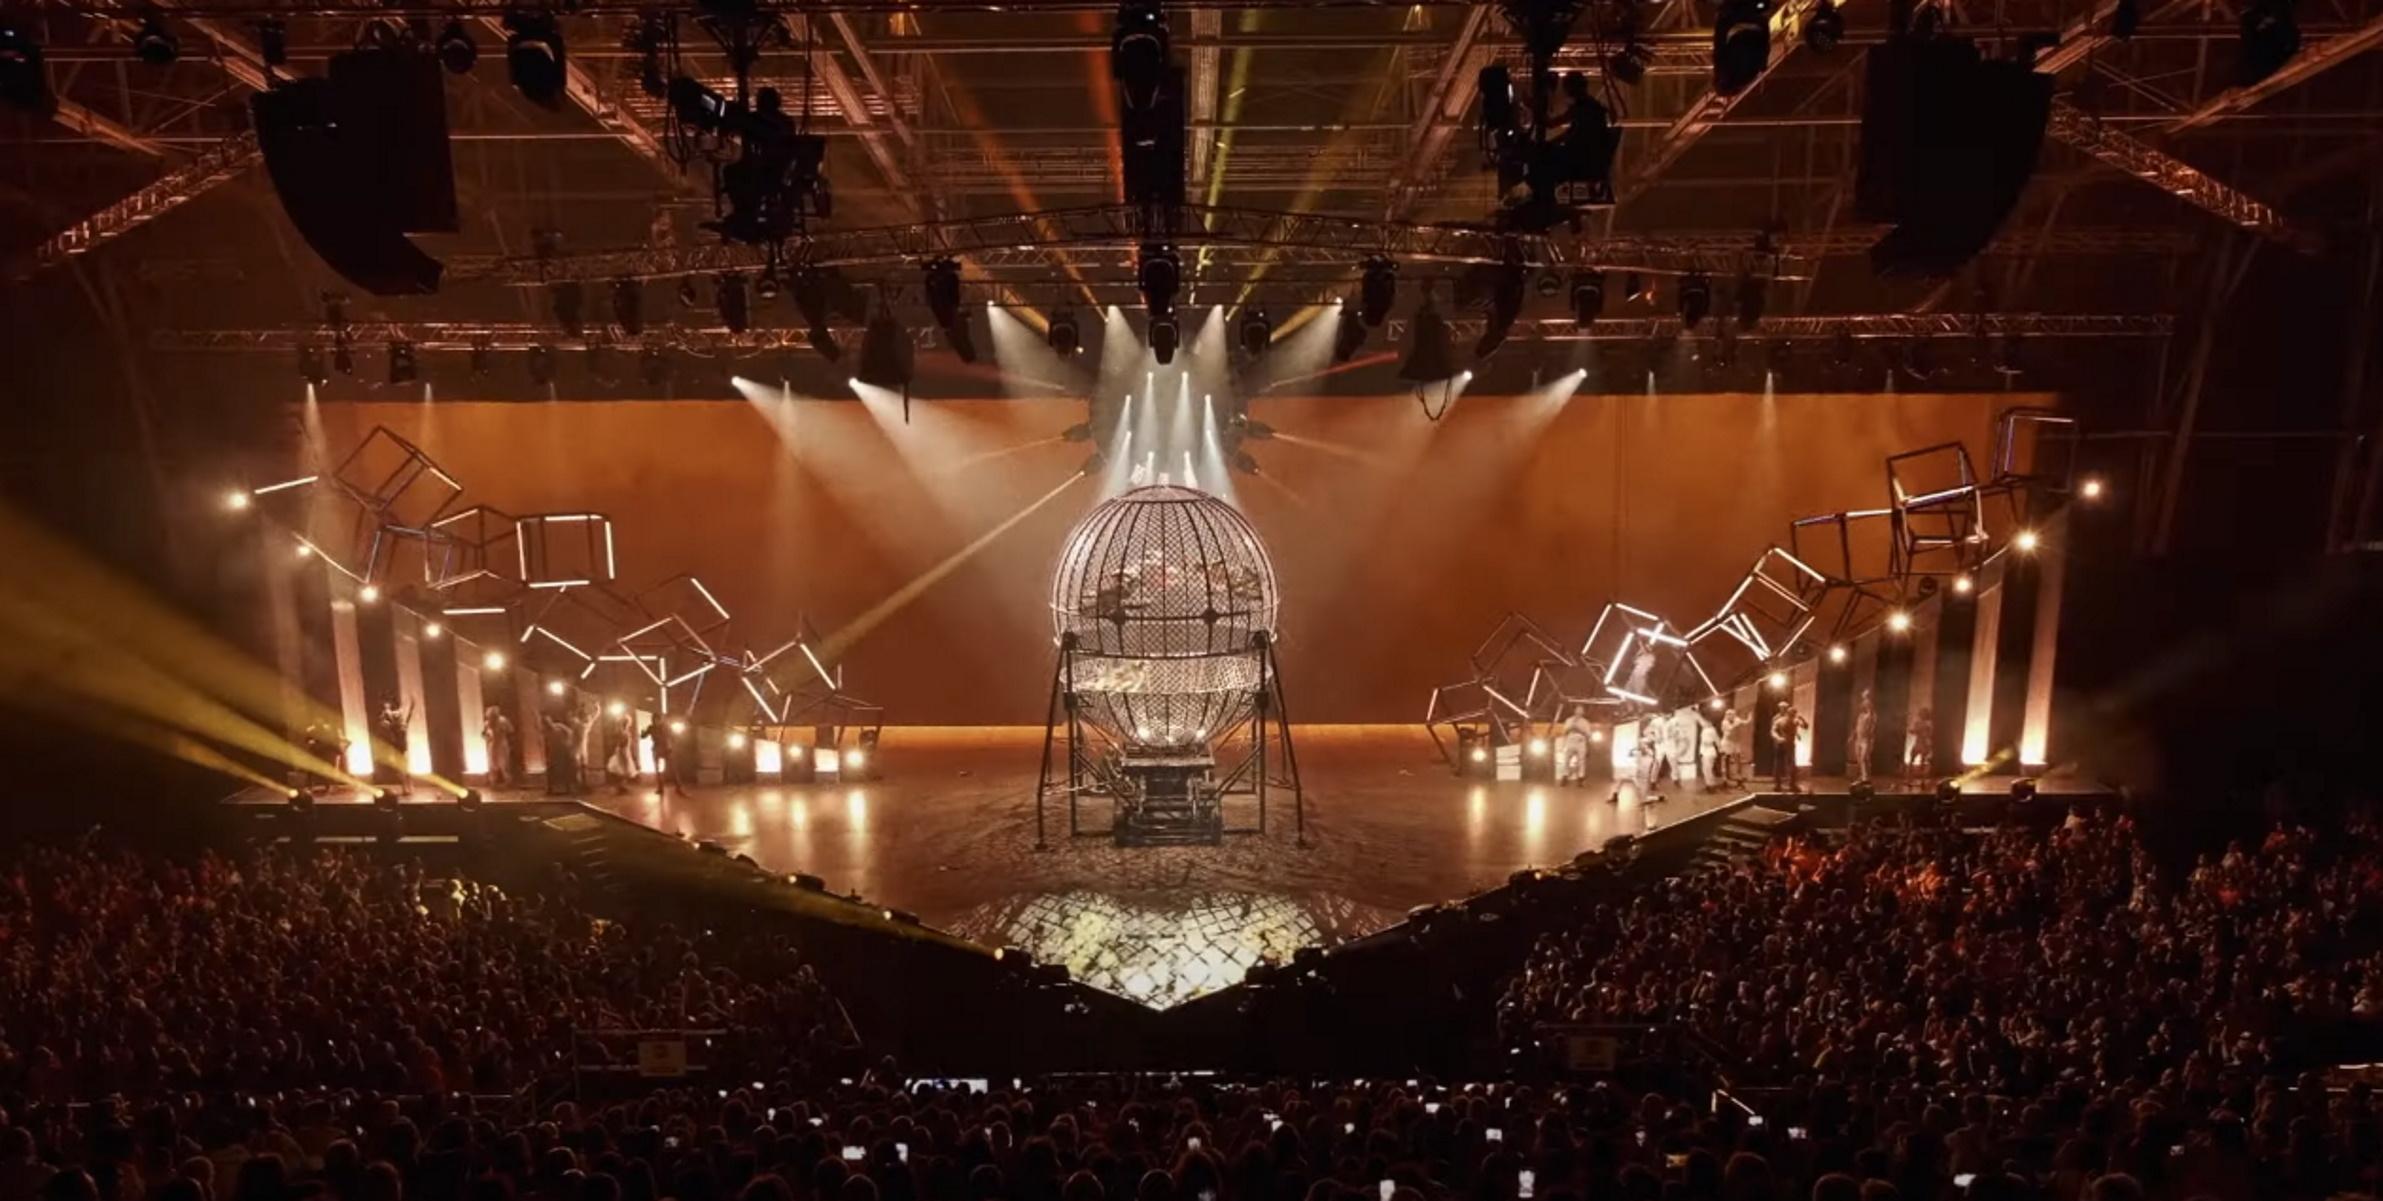 Ξαναρχίζει τις παραστάσεις το Cirque du Soleil – Ξεκίνημα από το Λας Βέγκας (video)